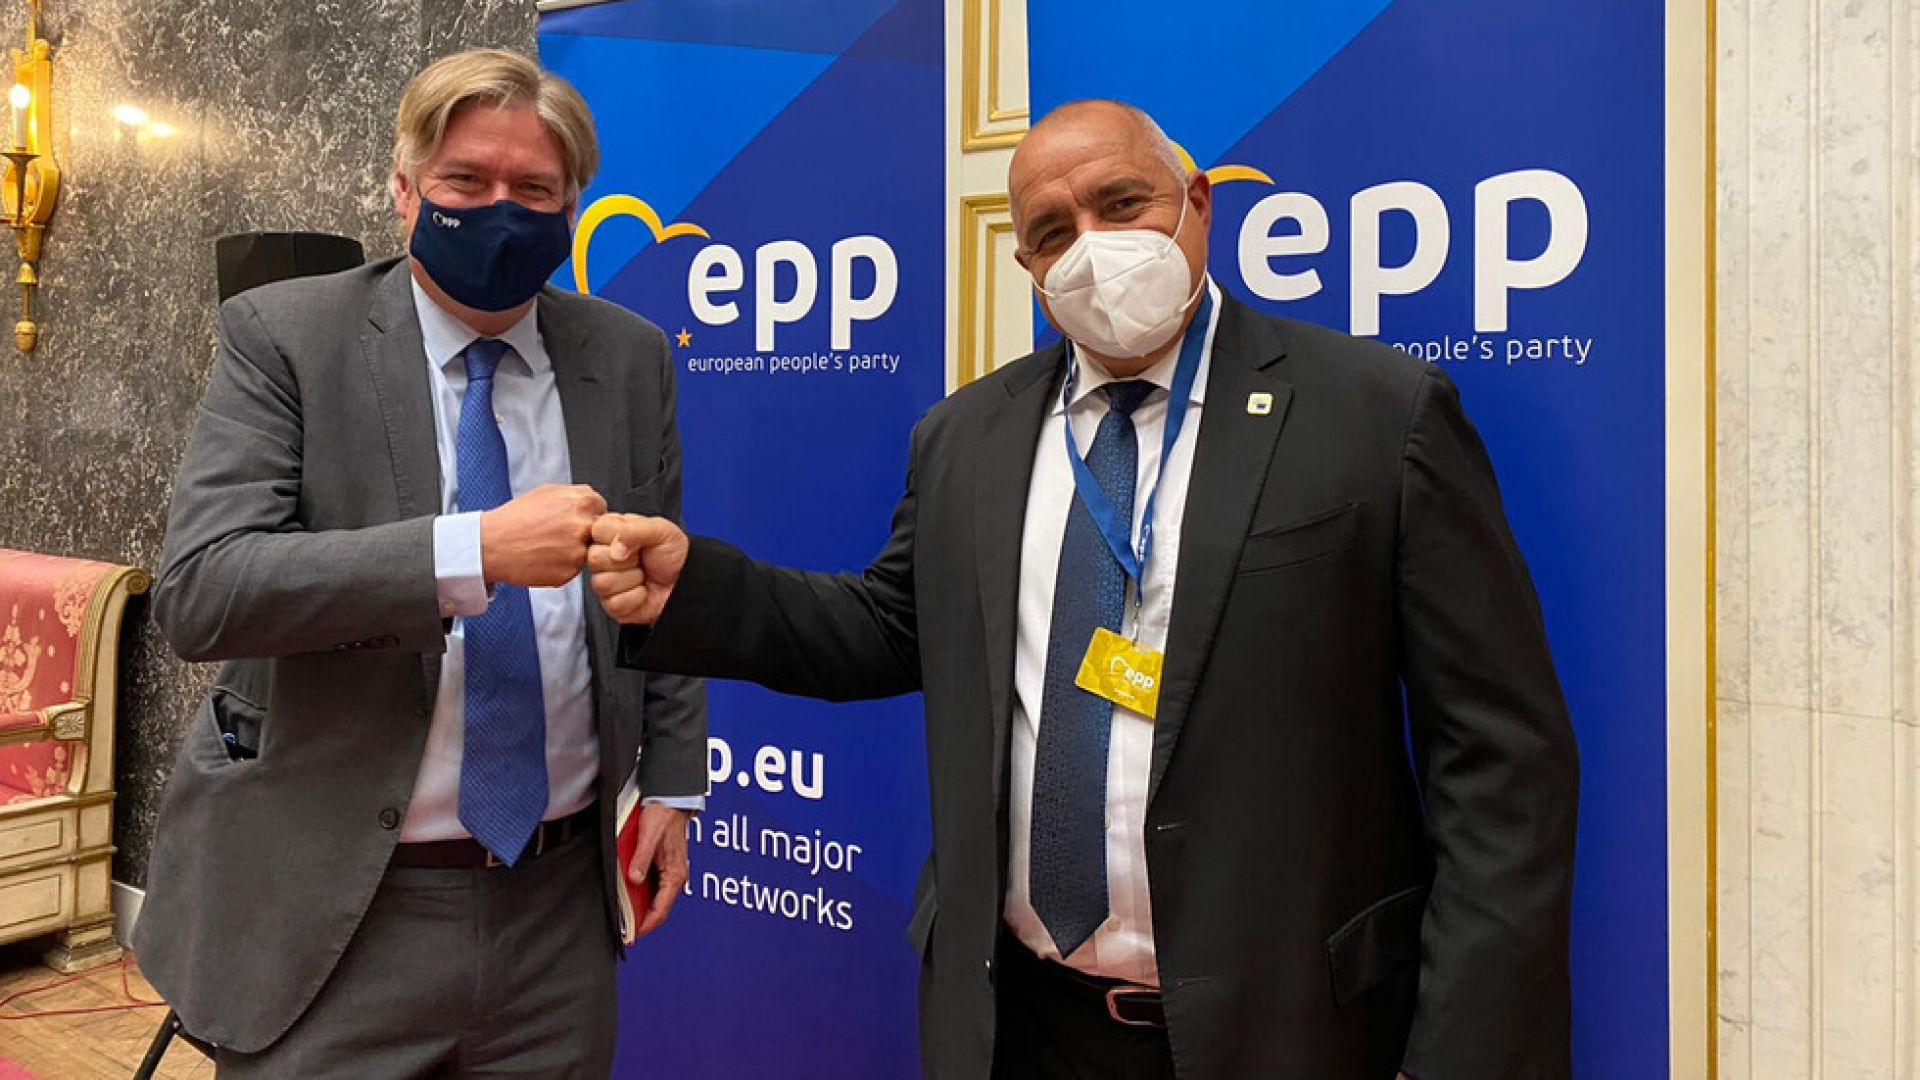 Заради резолюцията за България, ЕНП реже бунтарите от влияние